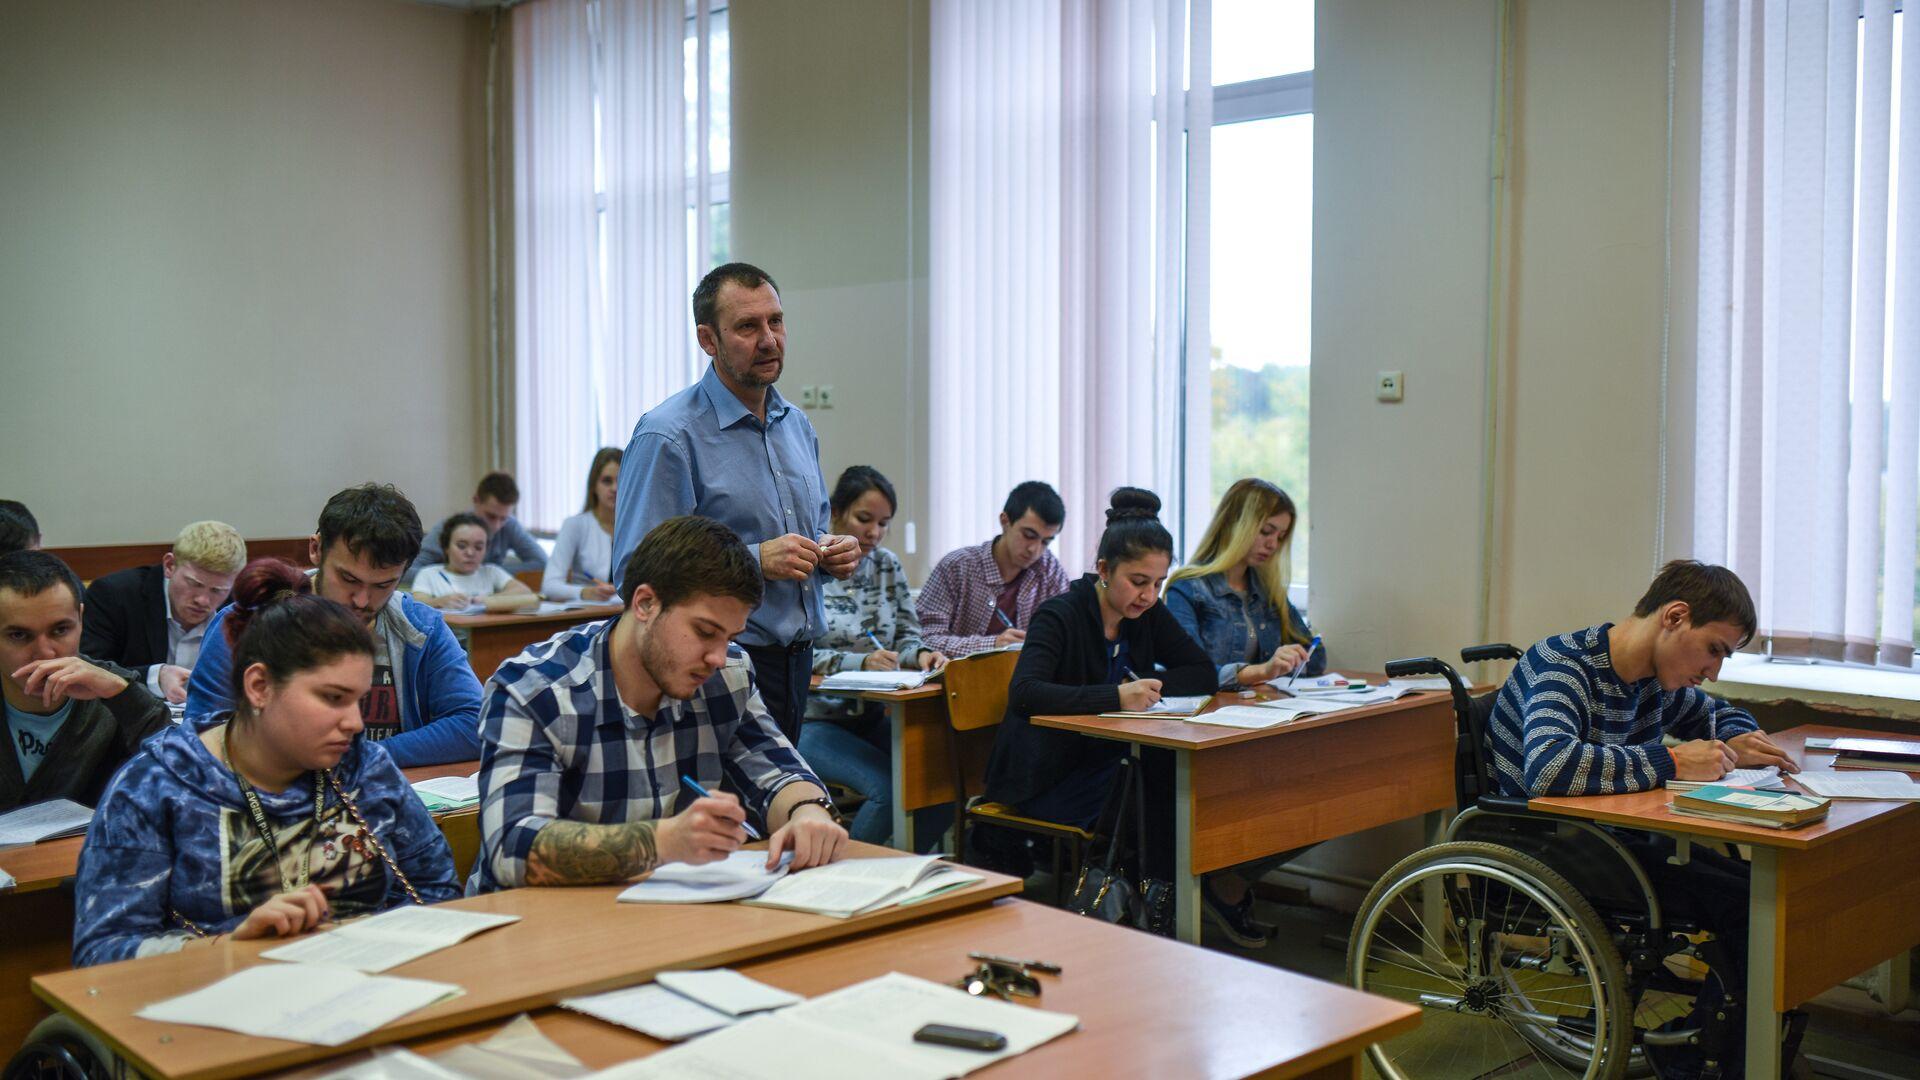 Студенты на занятиях - РИА Новости, 1920, 05.02.2021